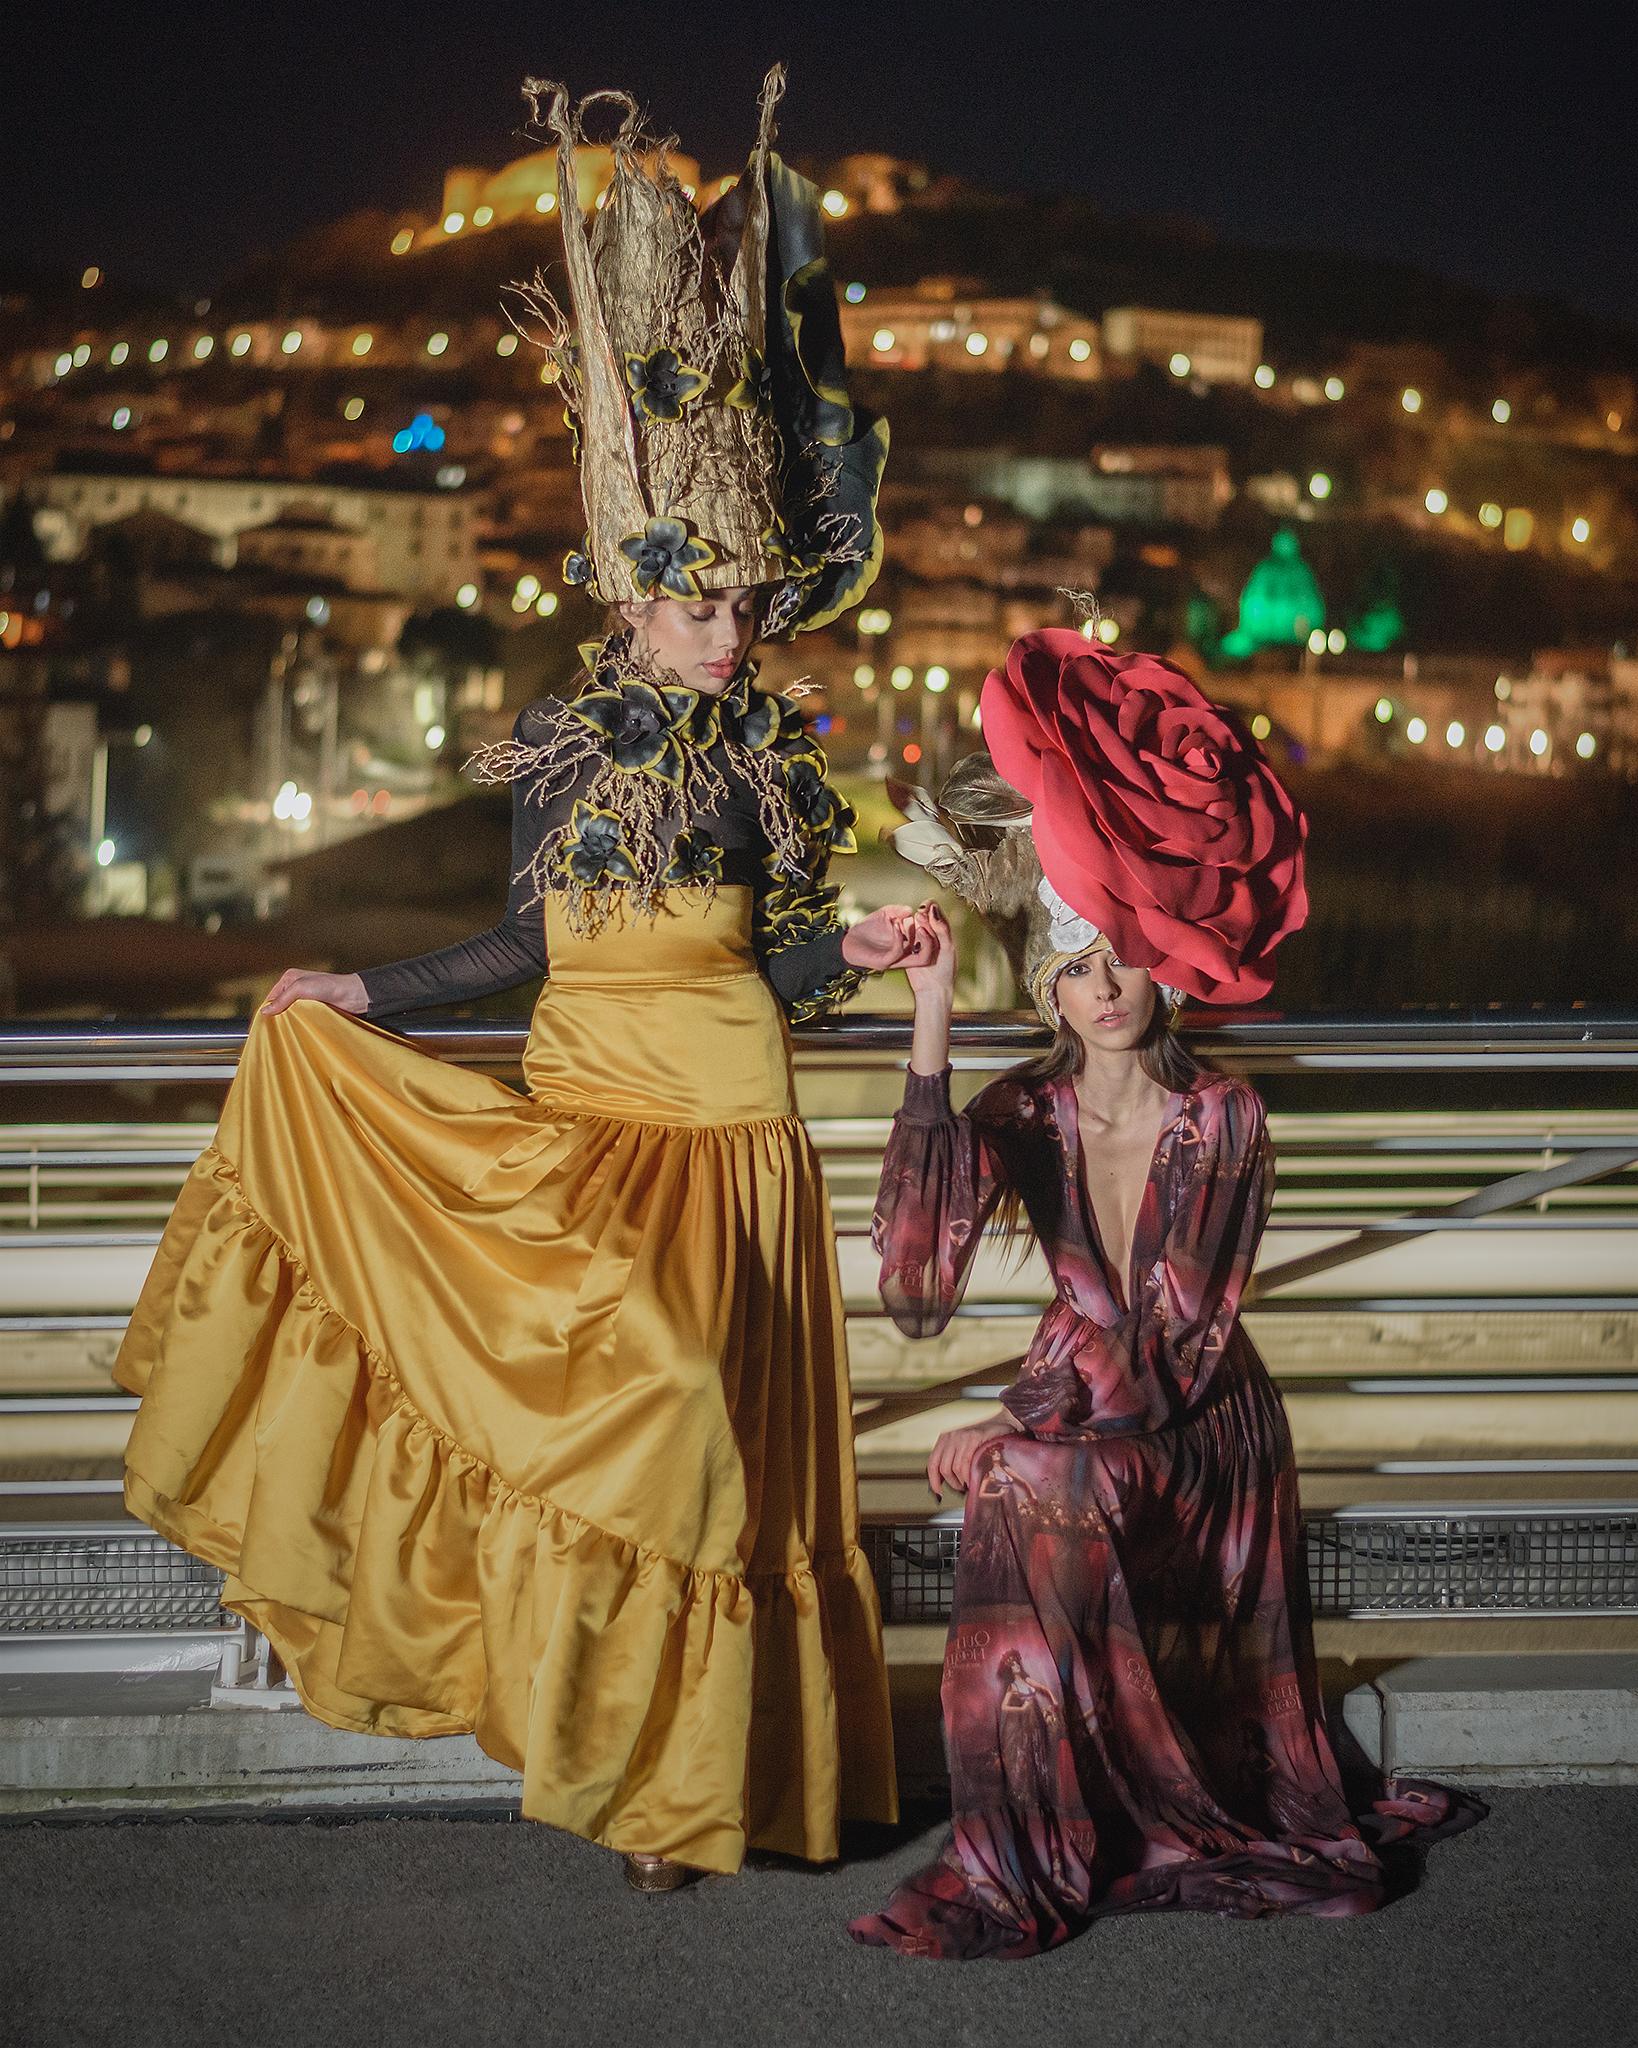 Categorie: Fashion, Glamour, Portrait - Photographer: FRANCESCO SCALZO - Stylist: SLADANA KRSTIC - Brand: QUEENMOOD COUTURE - Stylist e Make-up: MOEMA ACADEMY DI COSENZA - In collaborazione con GIADA FALCONE, direttore artistico della Cosenza Fashion Week - Models: FRANCESCA RICCIO & MARIA GABRIELLA CATALANO - Assistant: DANIELA FUCILLA - Location: Cosenza, CS, Italia